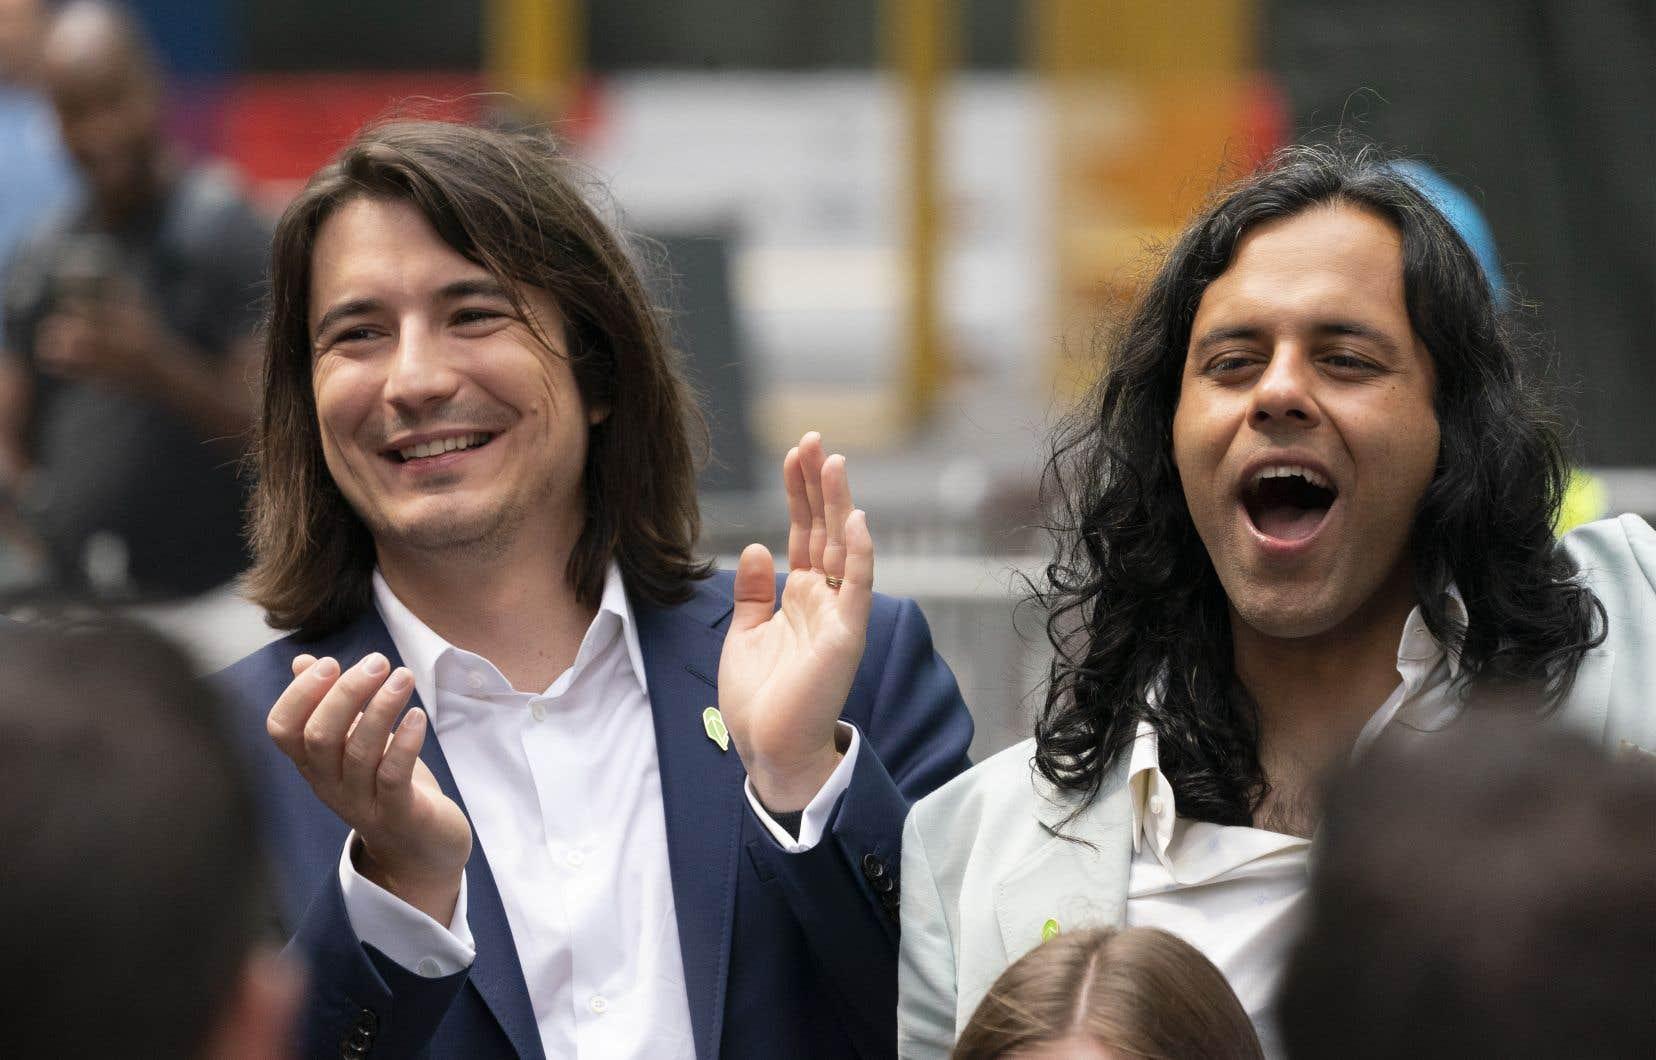 «Quand nous disons que nous voulons démocratiser l'accès à la finance, ce n'est pas juste un slogan pour nous», a fait valoir Vlad Tenev (à gauche), cofondateur avec Baiju Bhatt (à droite).